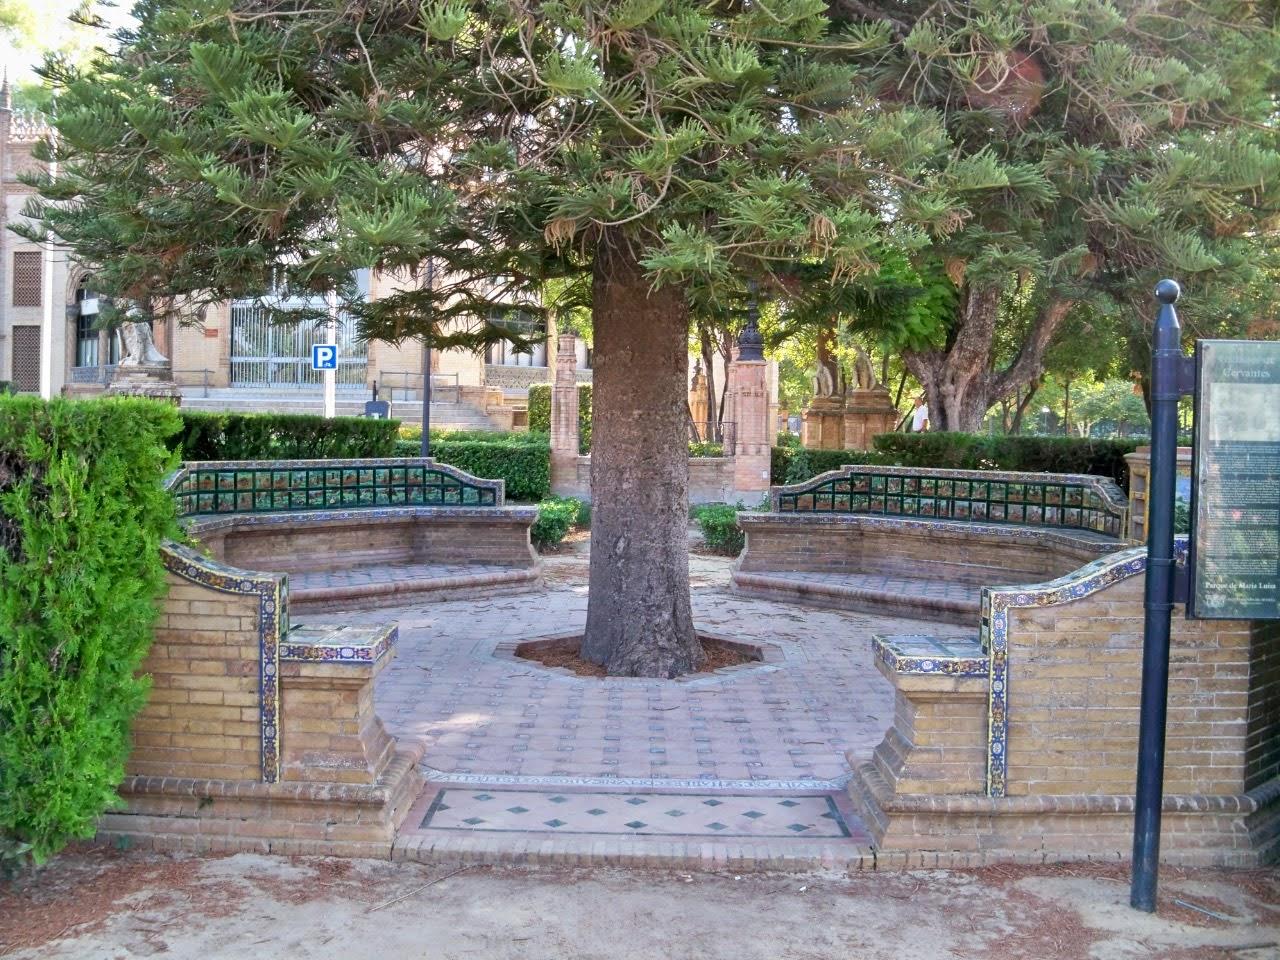 Escuela de jardiner a otras actividades for Escuela de jardineria